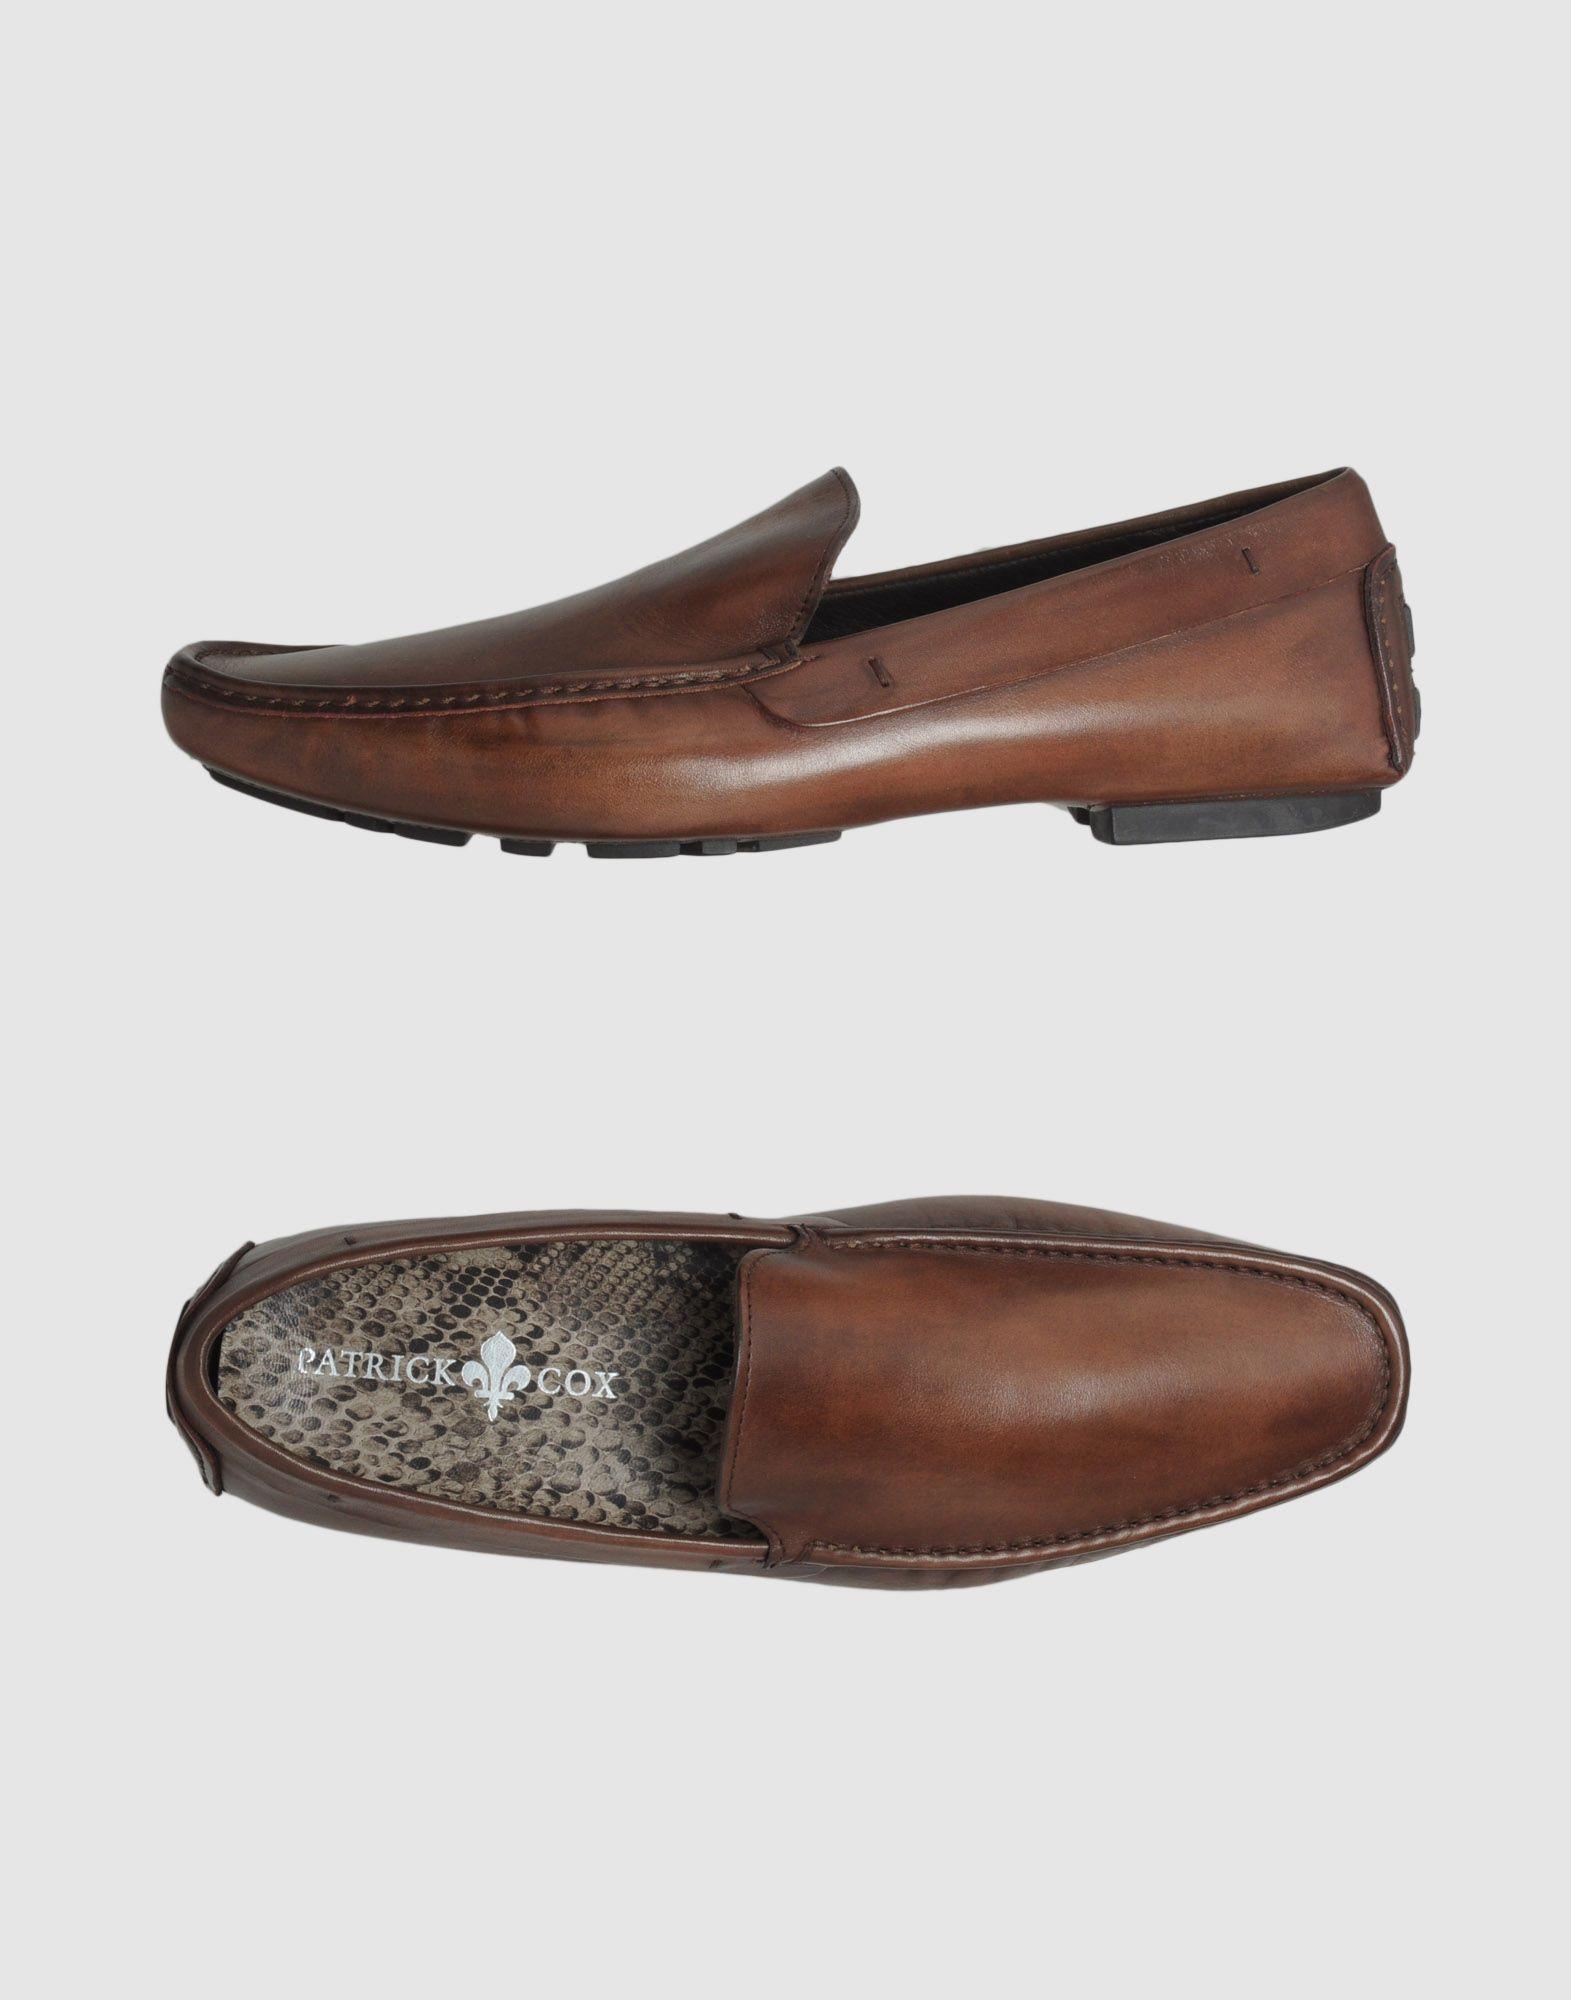 Zapatos Calzado 1 Patrick Cox Zapatos Para Hombre Pinterest Calzado Zapatos 529ab4